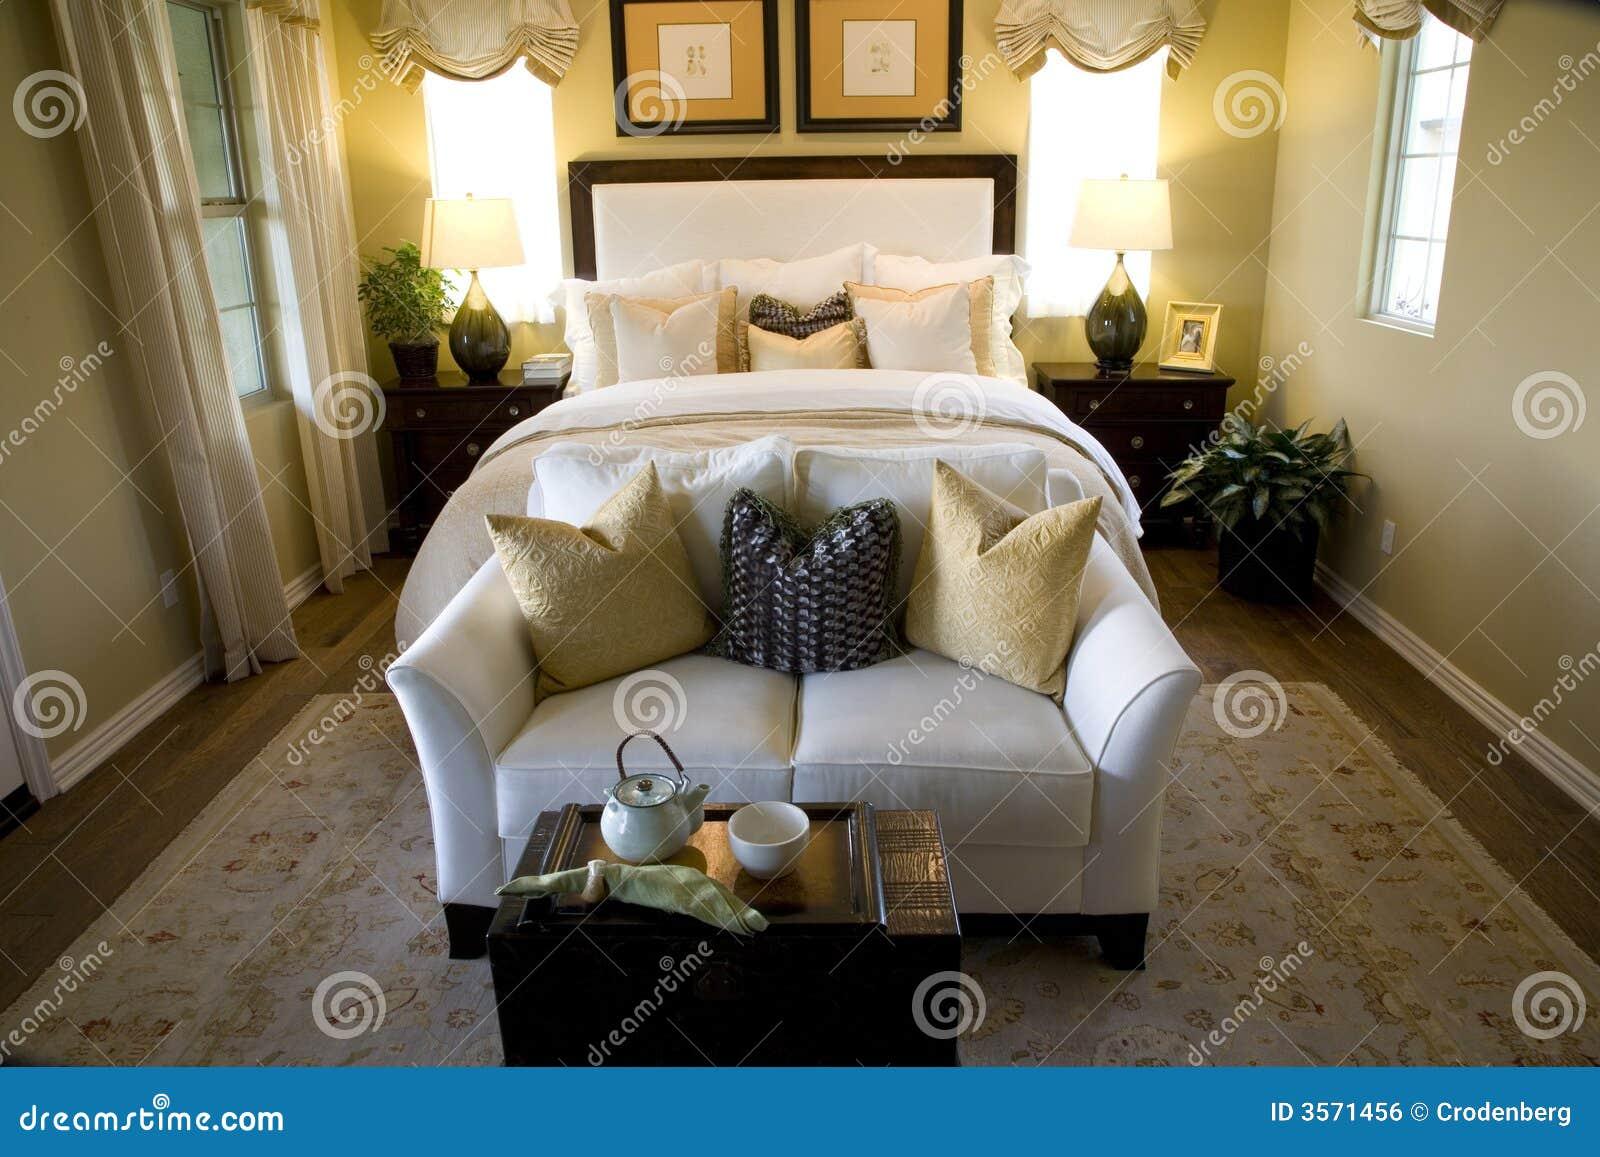 Camera da letto di lusso fotografia stock immagine di - Camera da letto di lusso ...